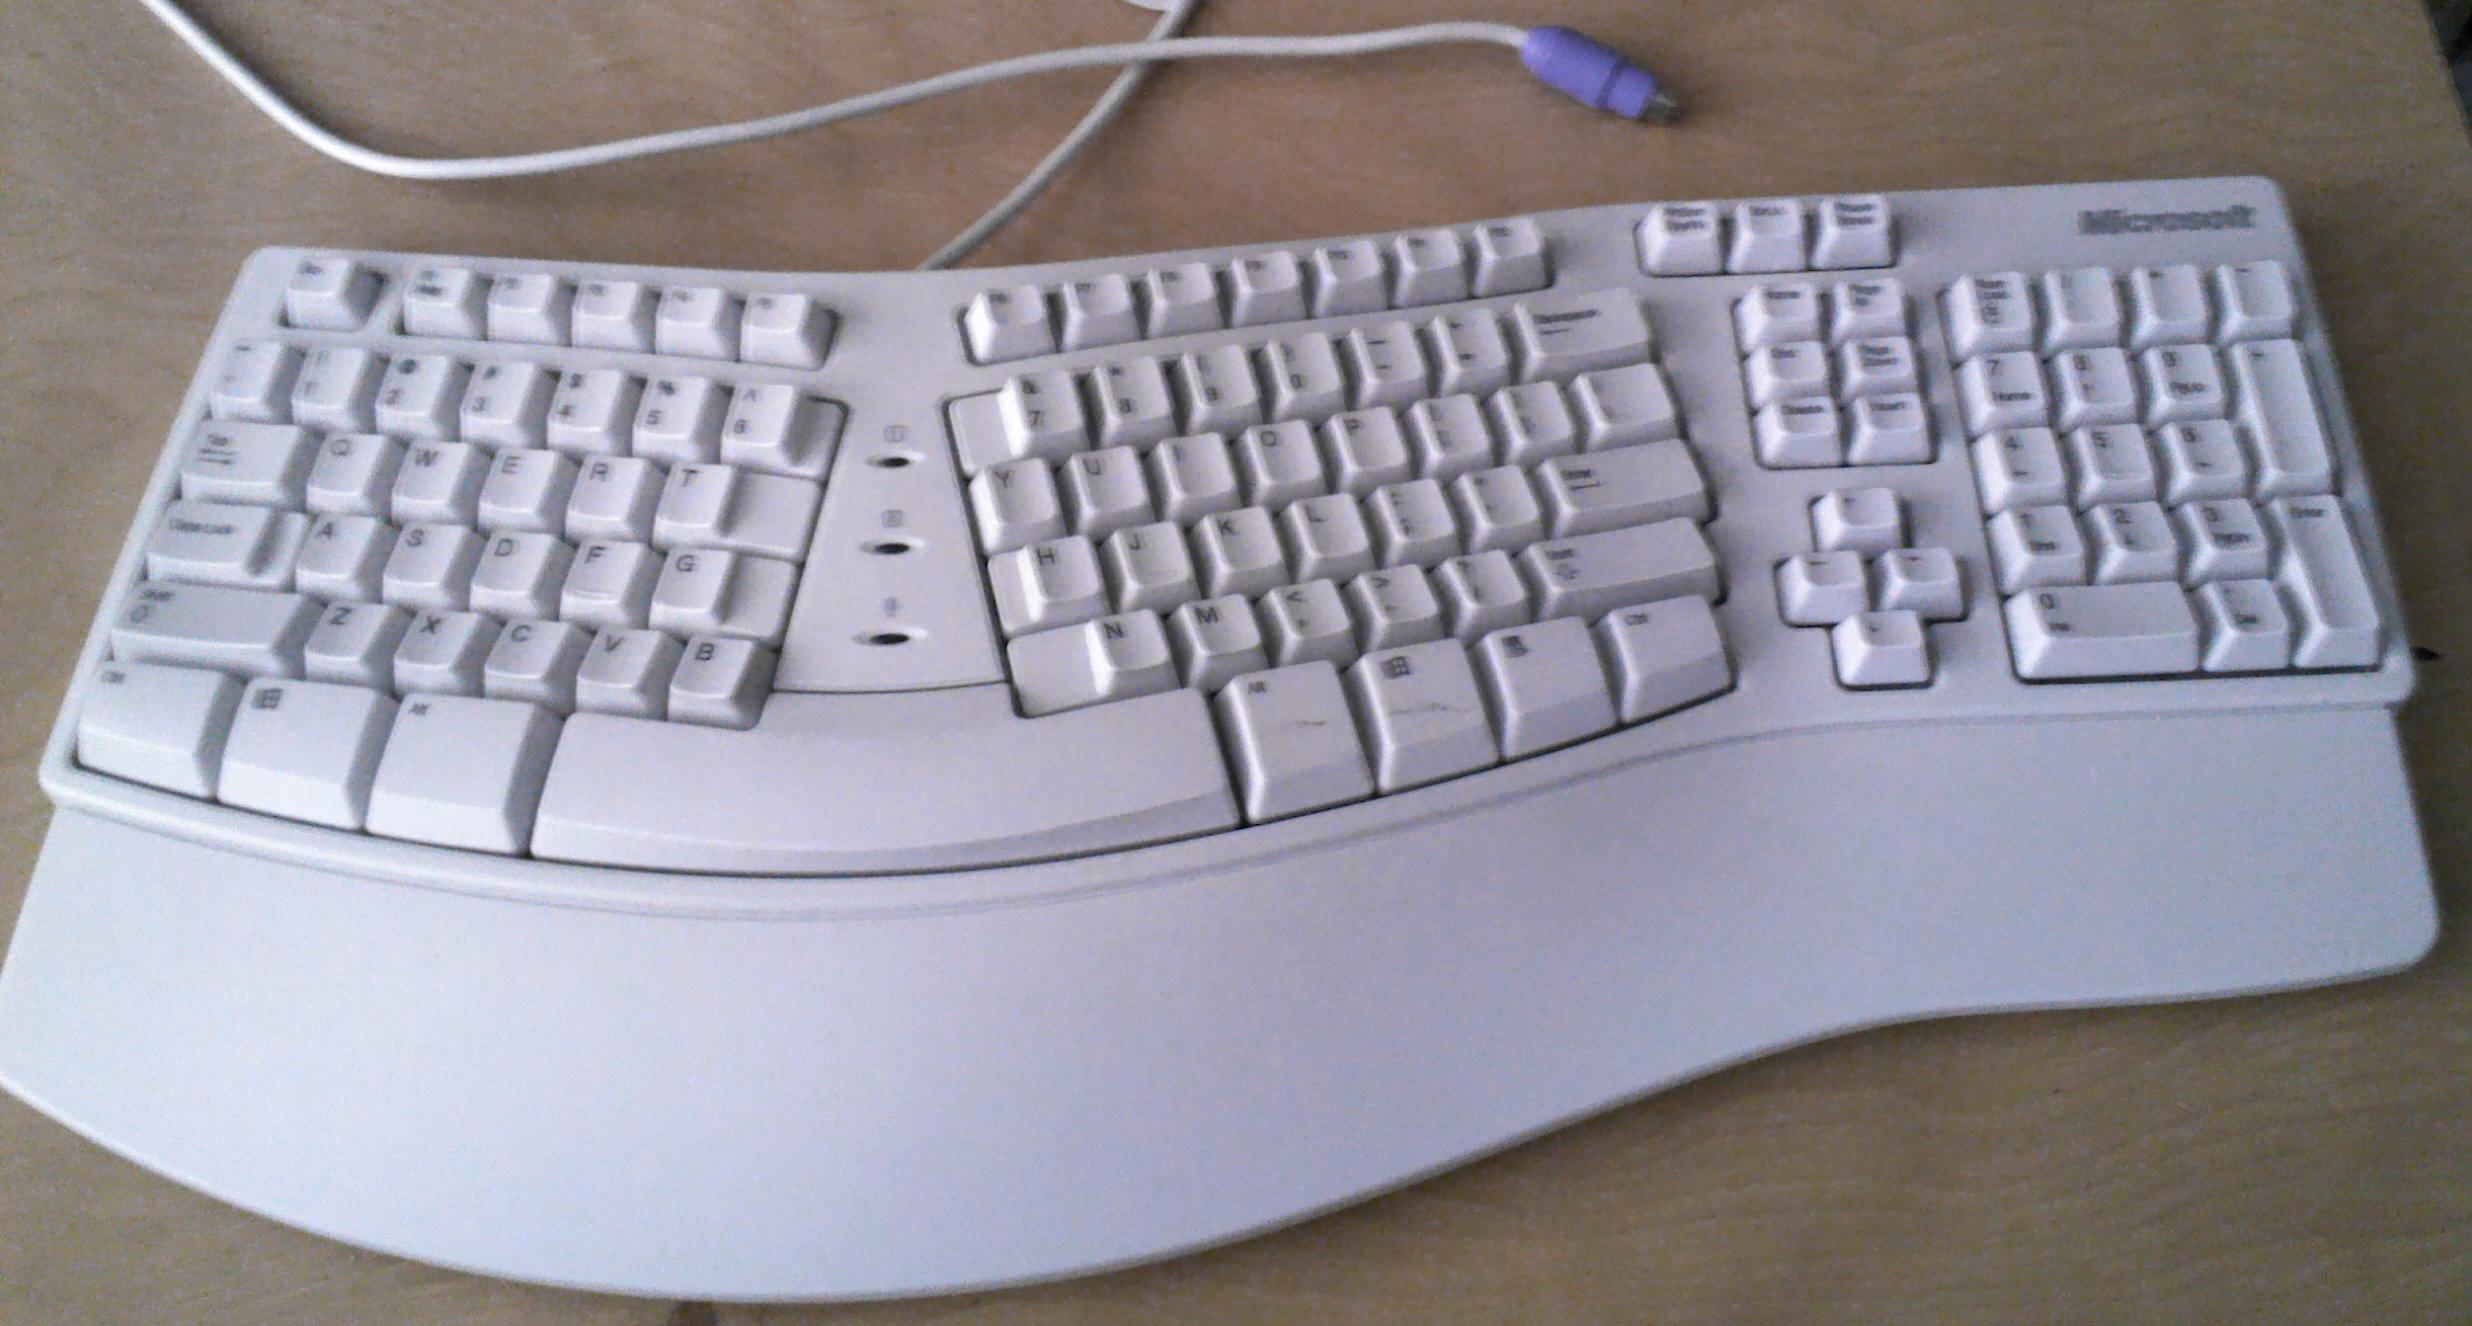 MS Natural Keyboard Elite